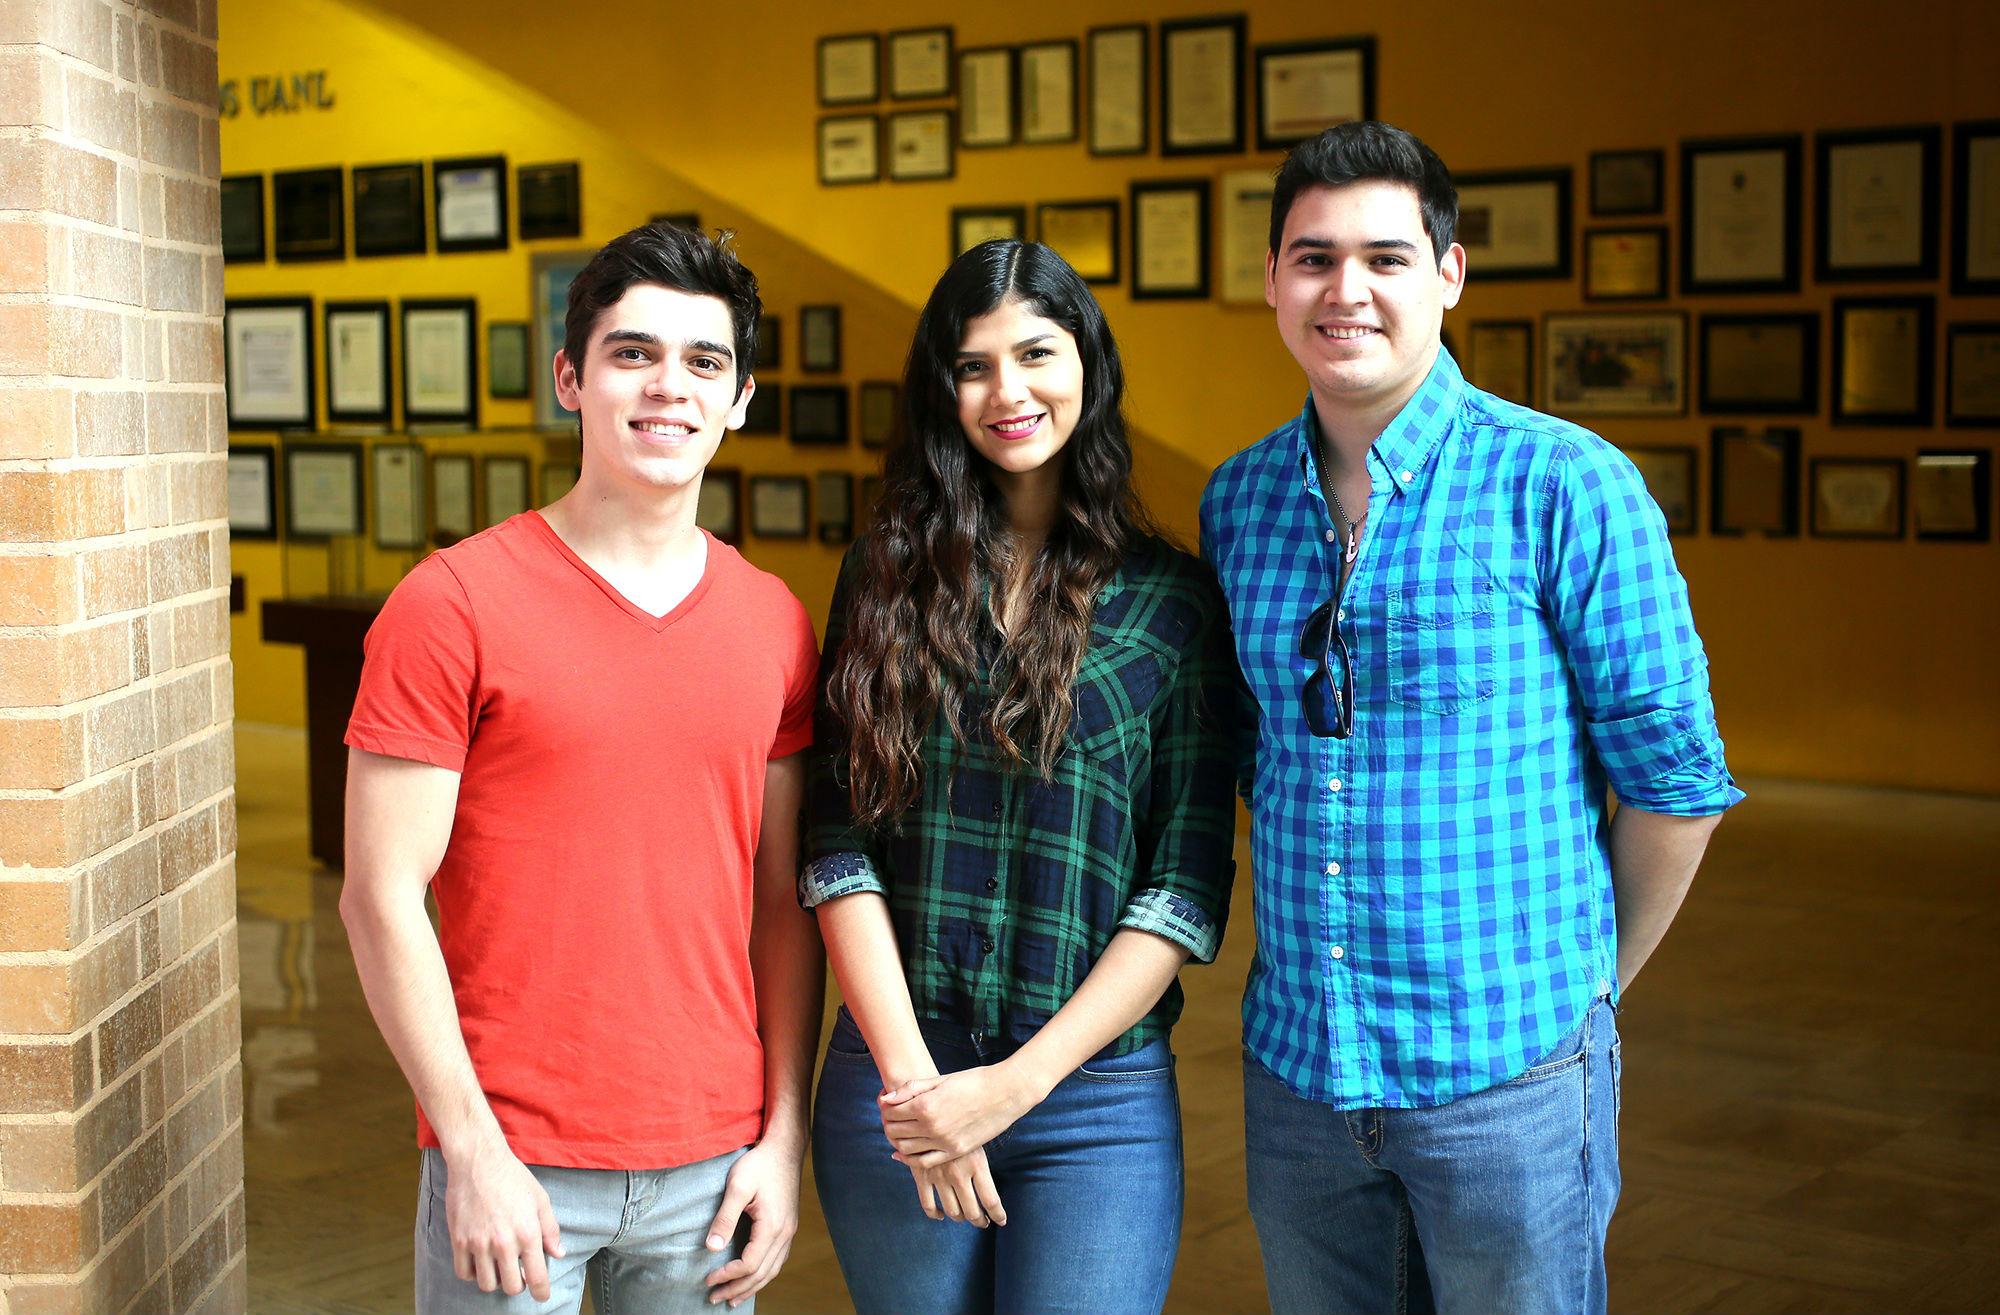 Estudiantes procedentes del Instituto Tecnológico de Sonora